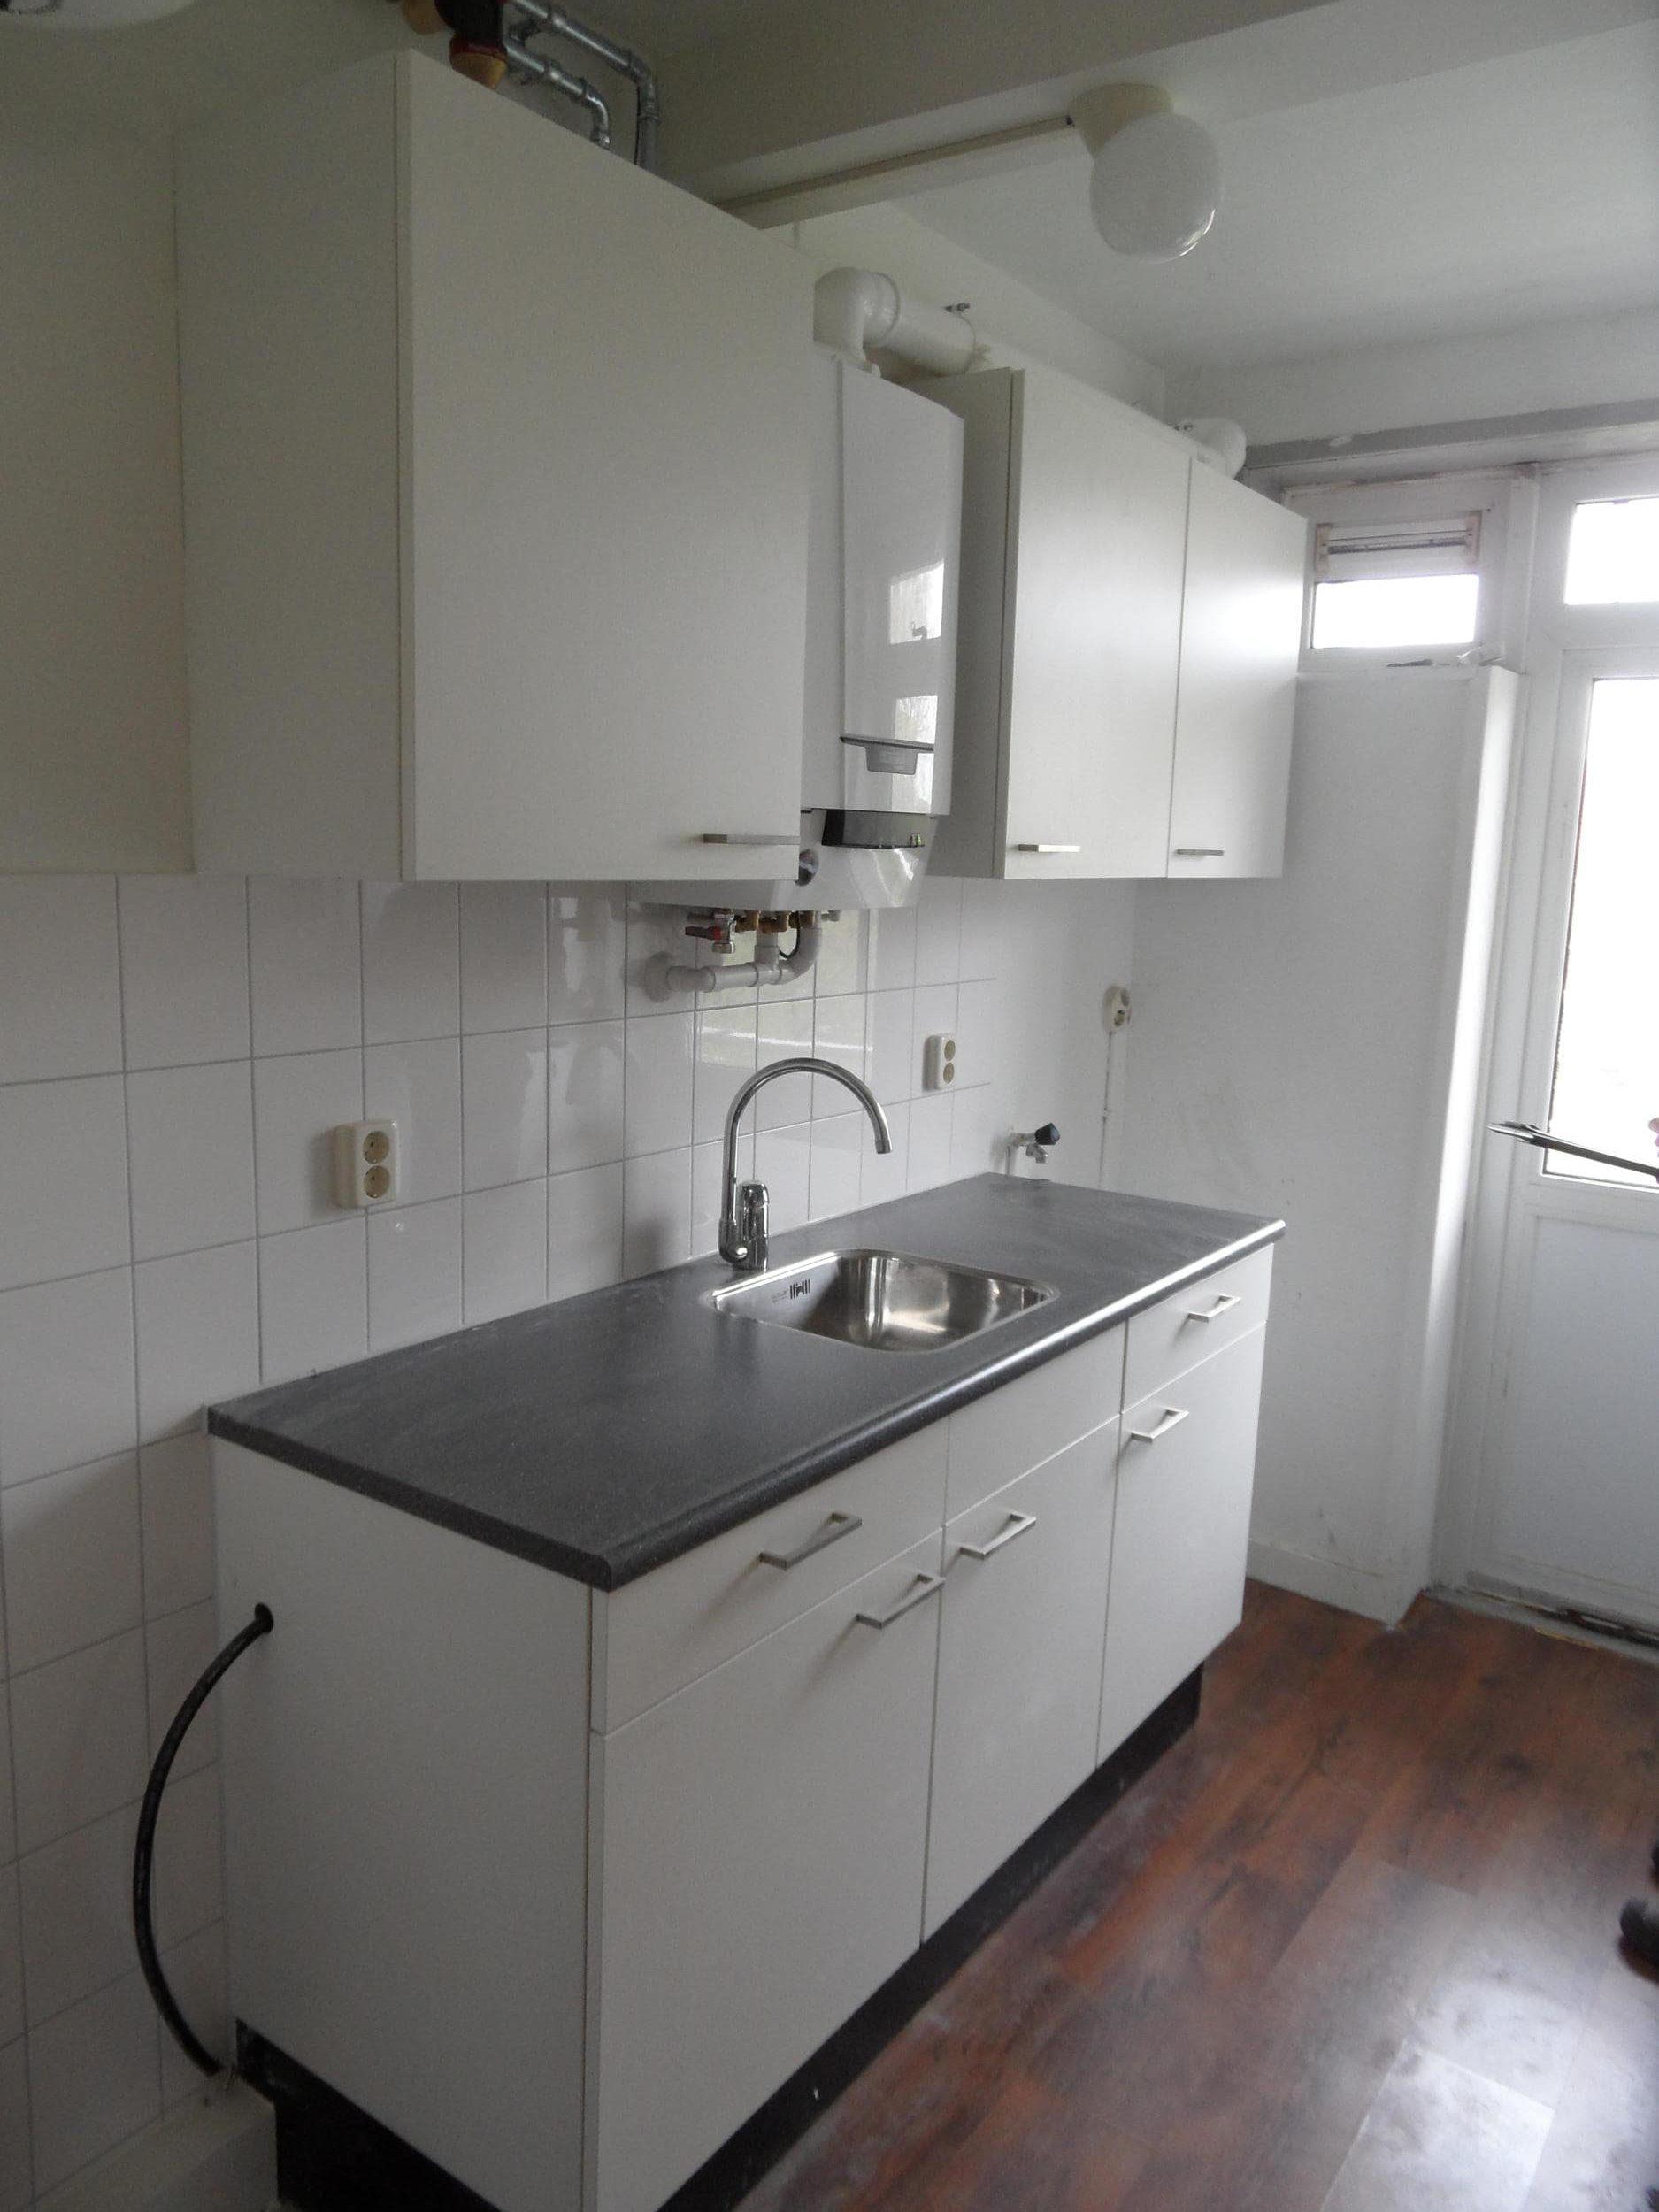 Gerenoveerde keukens aan de Jan van Scorelstraat in Leeuwarden